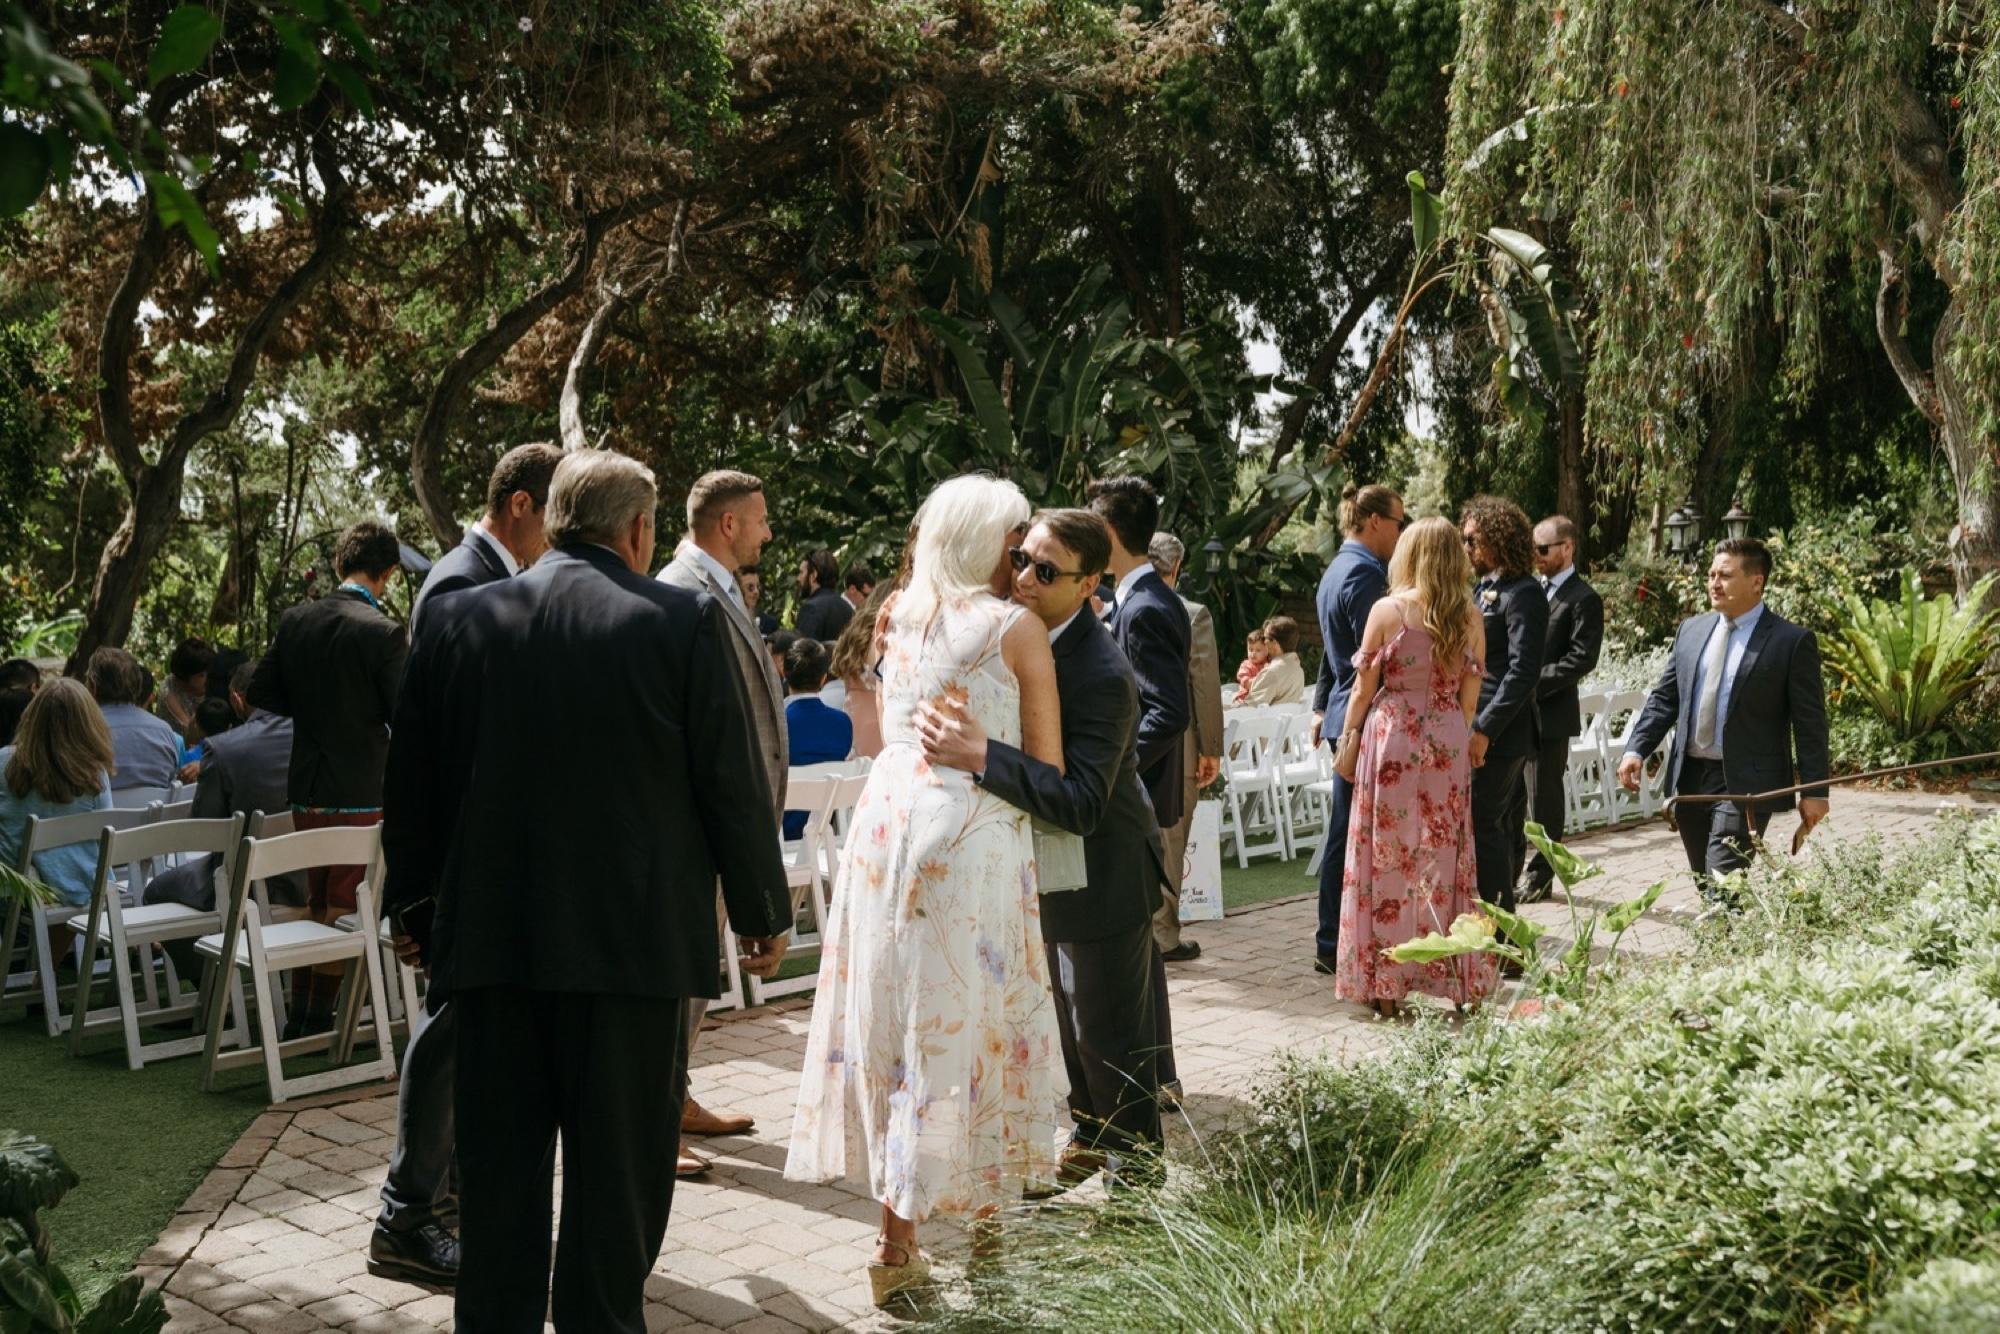 019_Shawna and Steve's Wedding-113.jpg